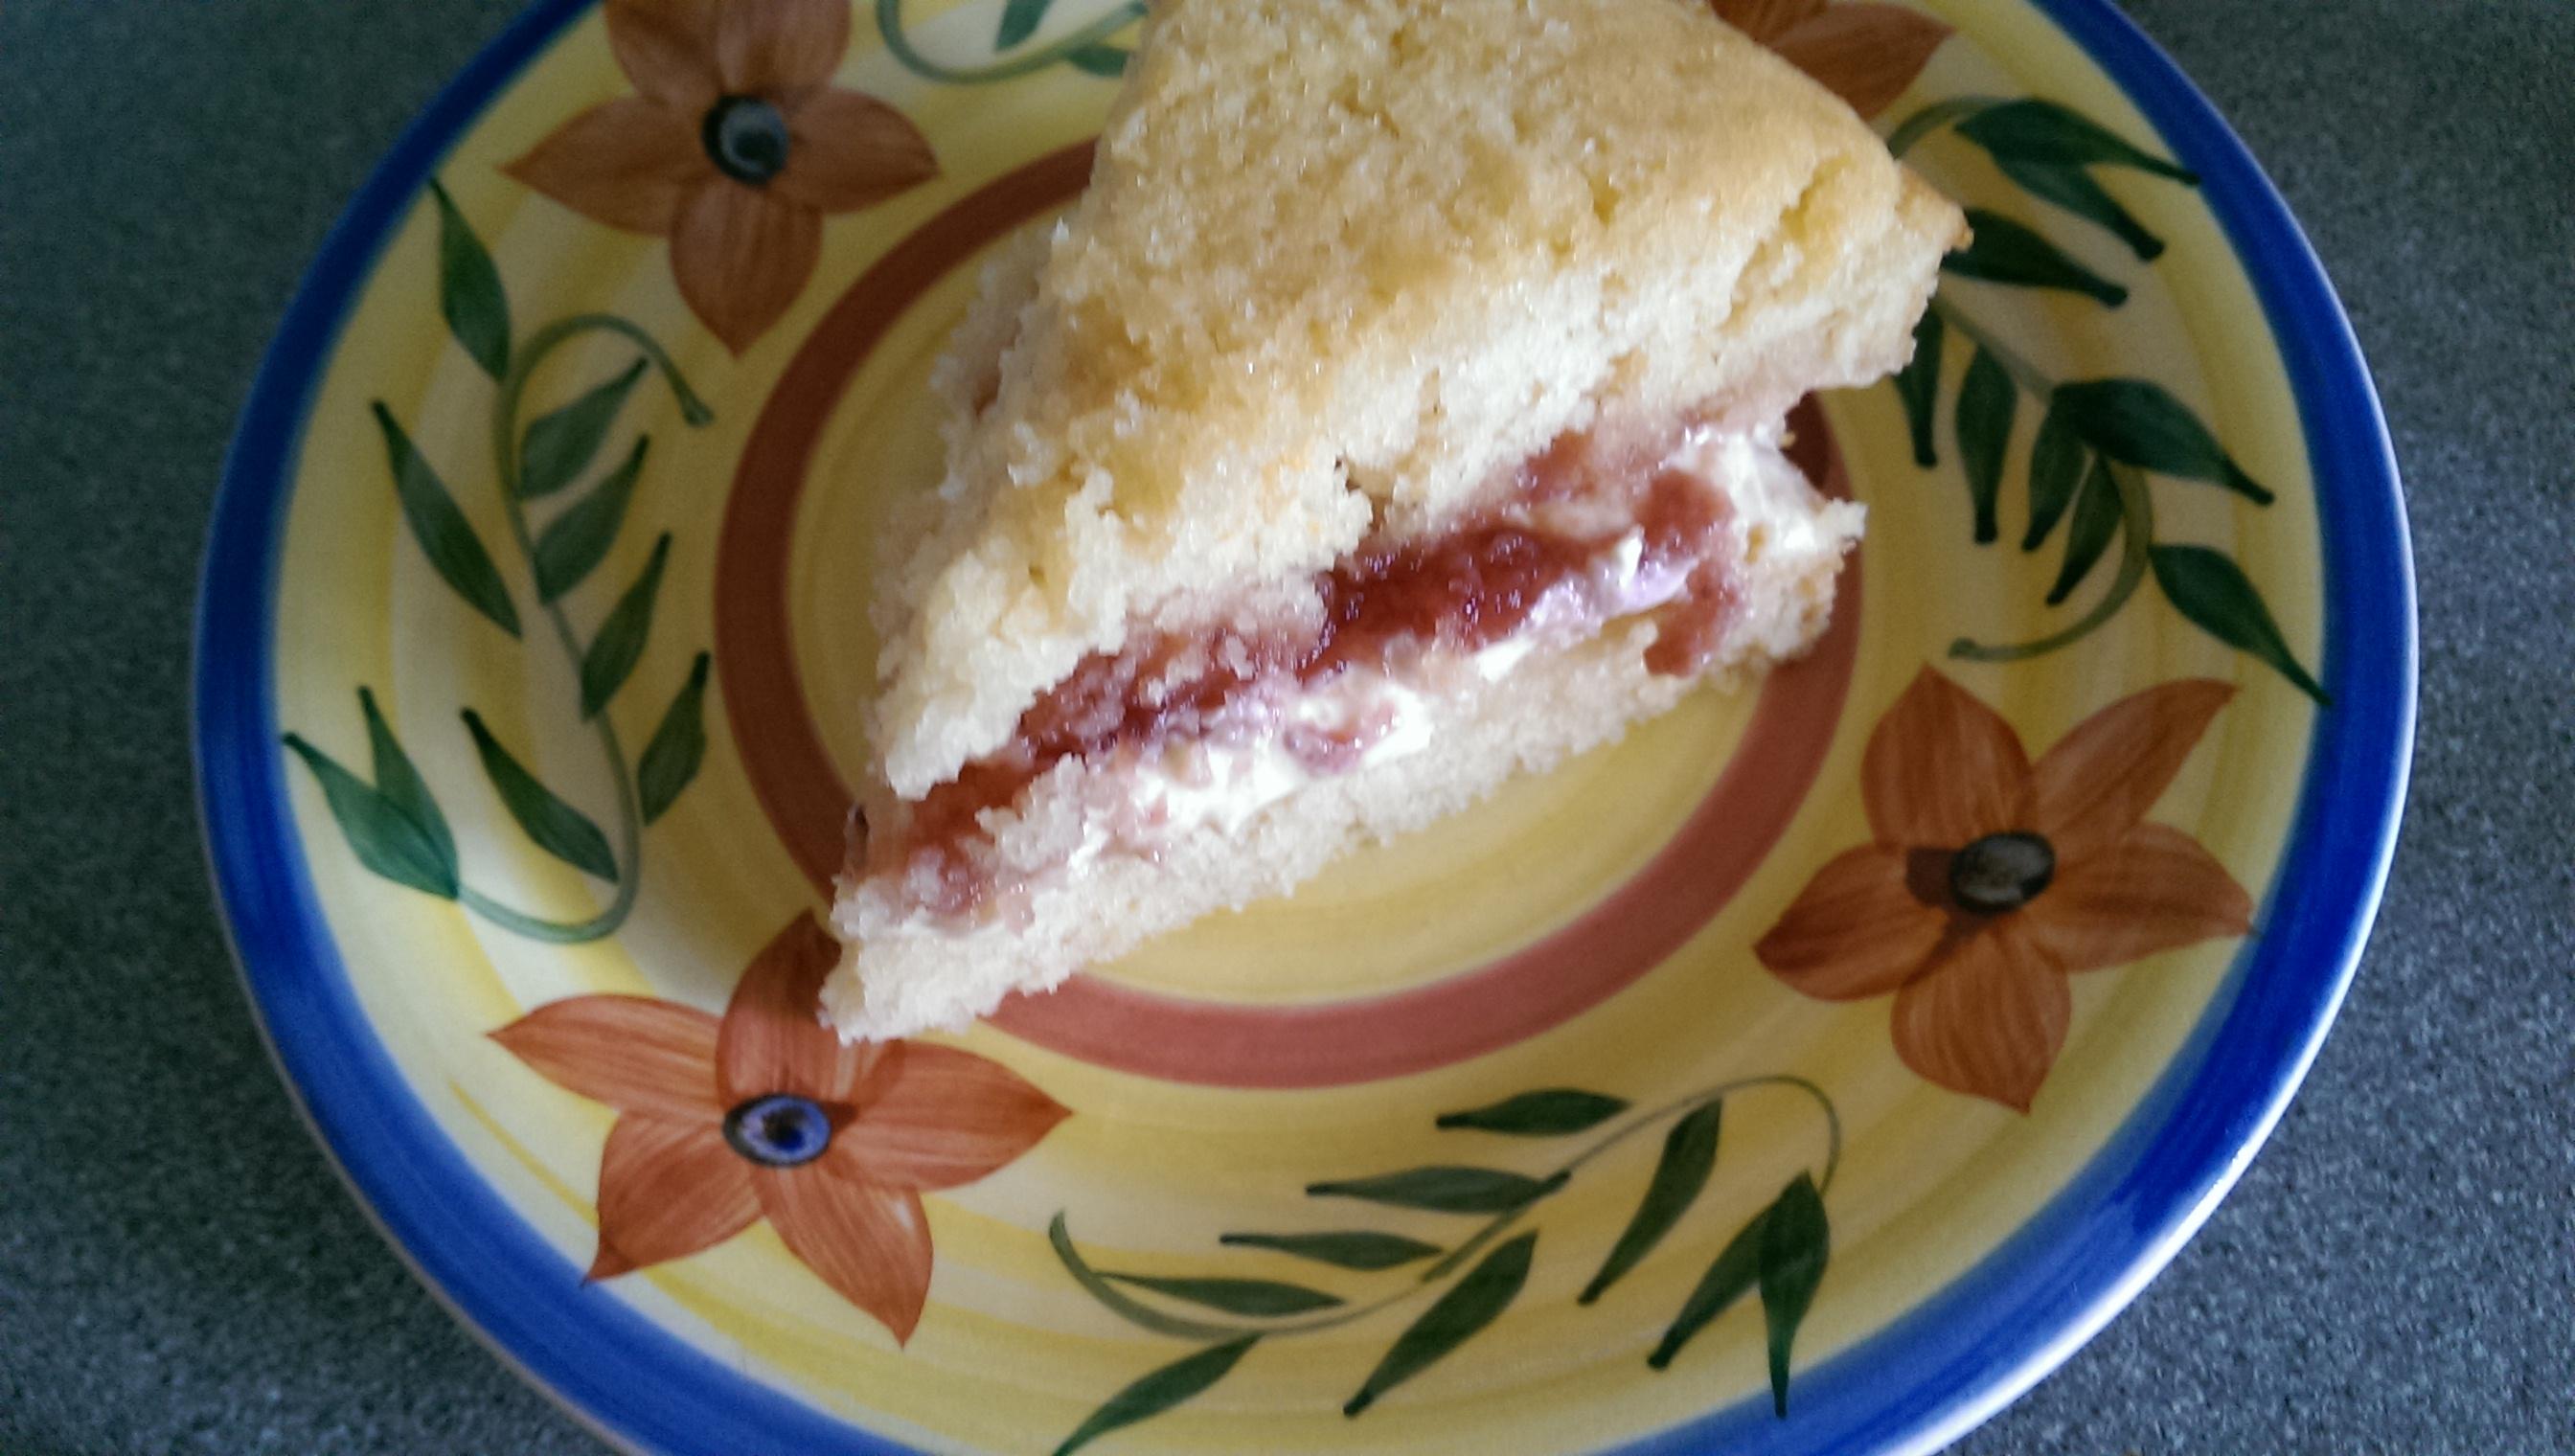 best gluten free dairy free cake Bedford